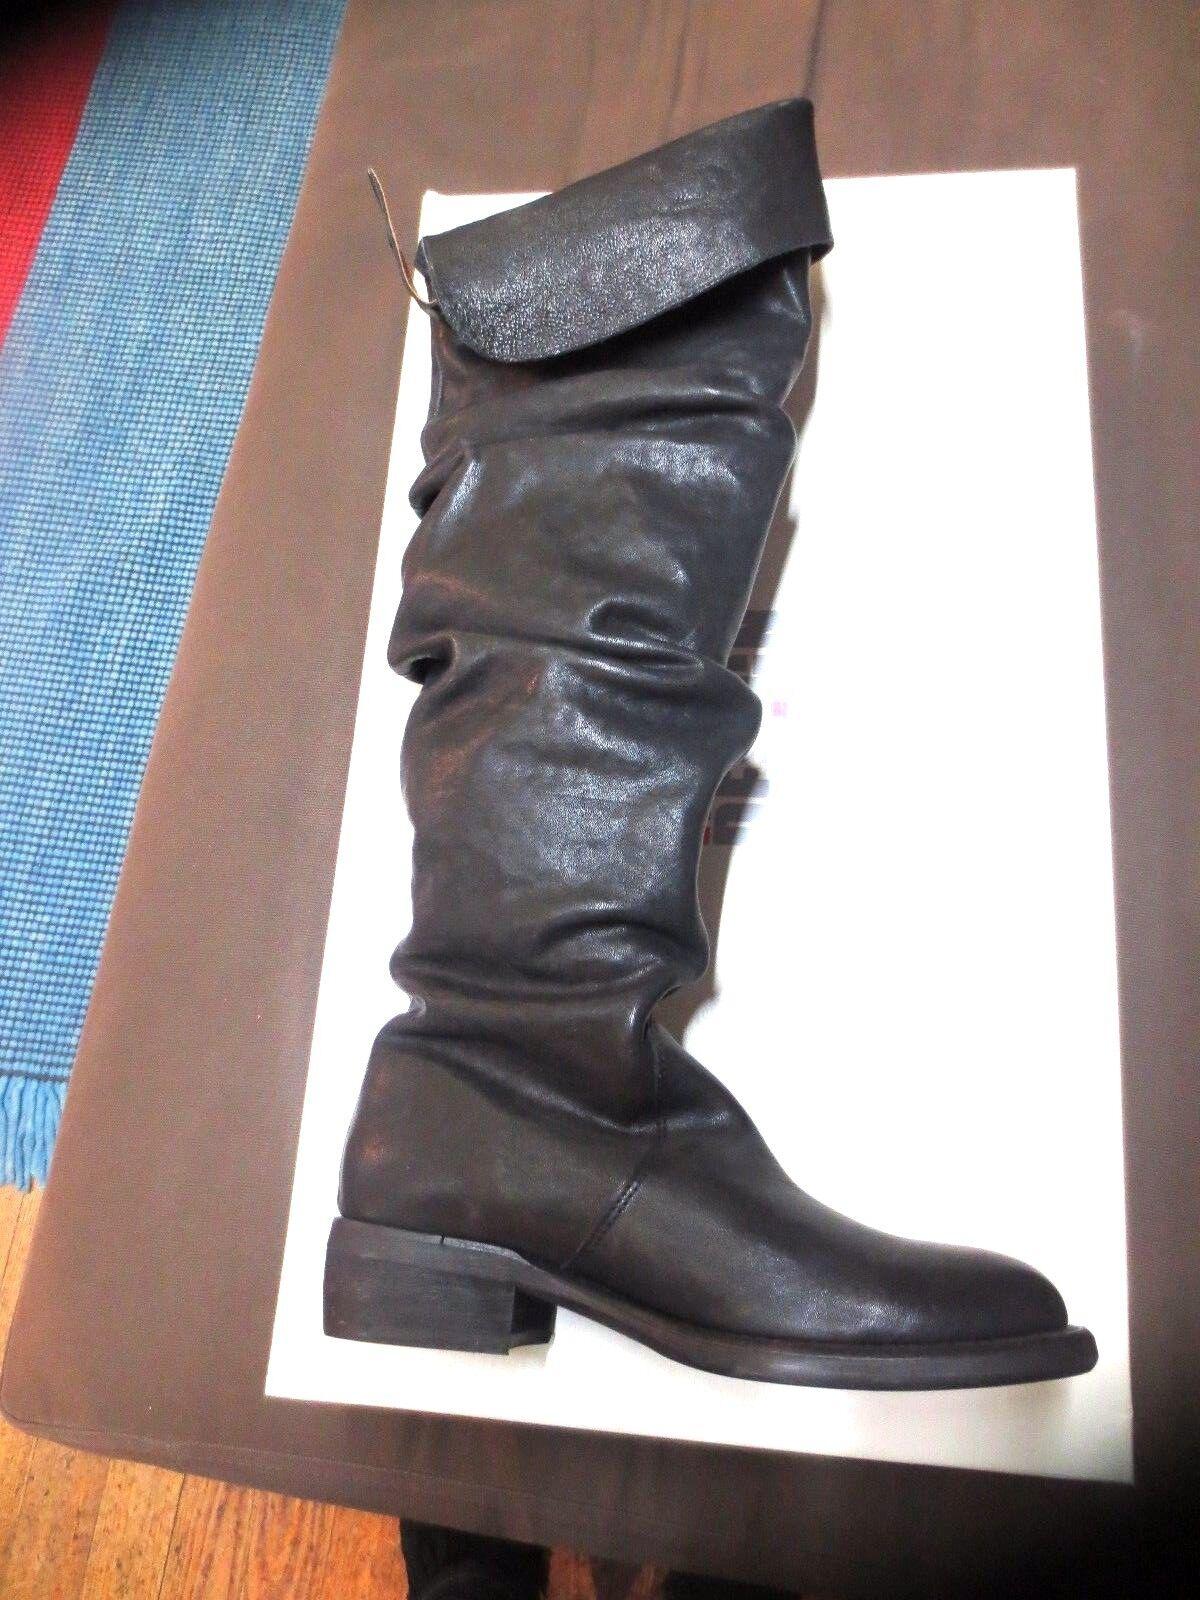 Kniestiefel MINKA Vollleder schwarz neu Wert Schuhgrößen 199E Schuhgrößen Wert ,37,38, 39 1df893